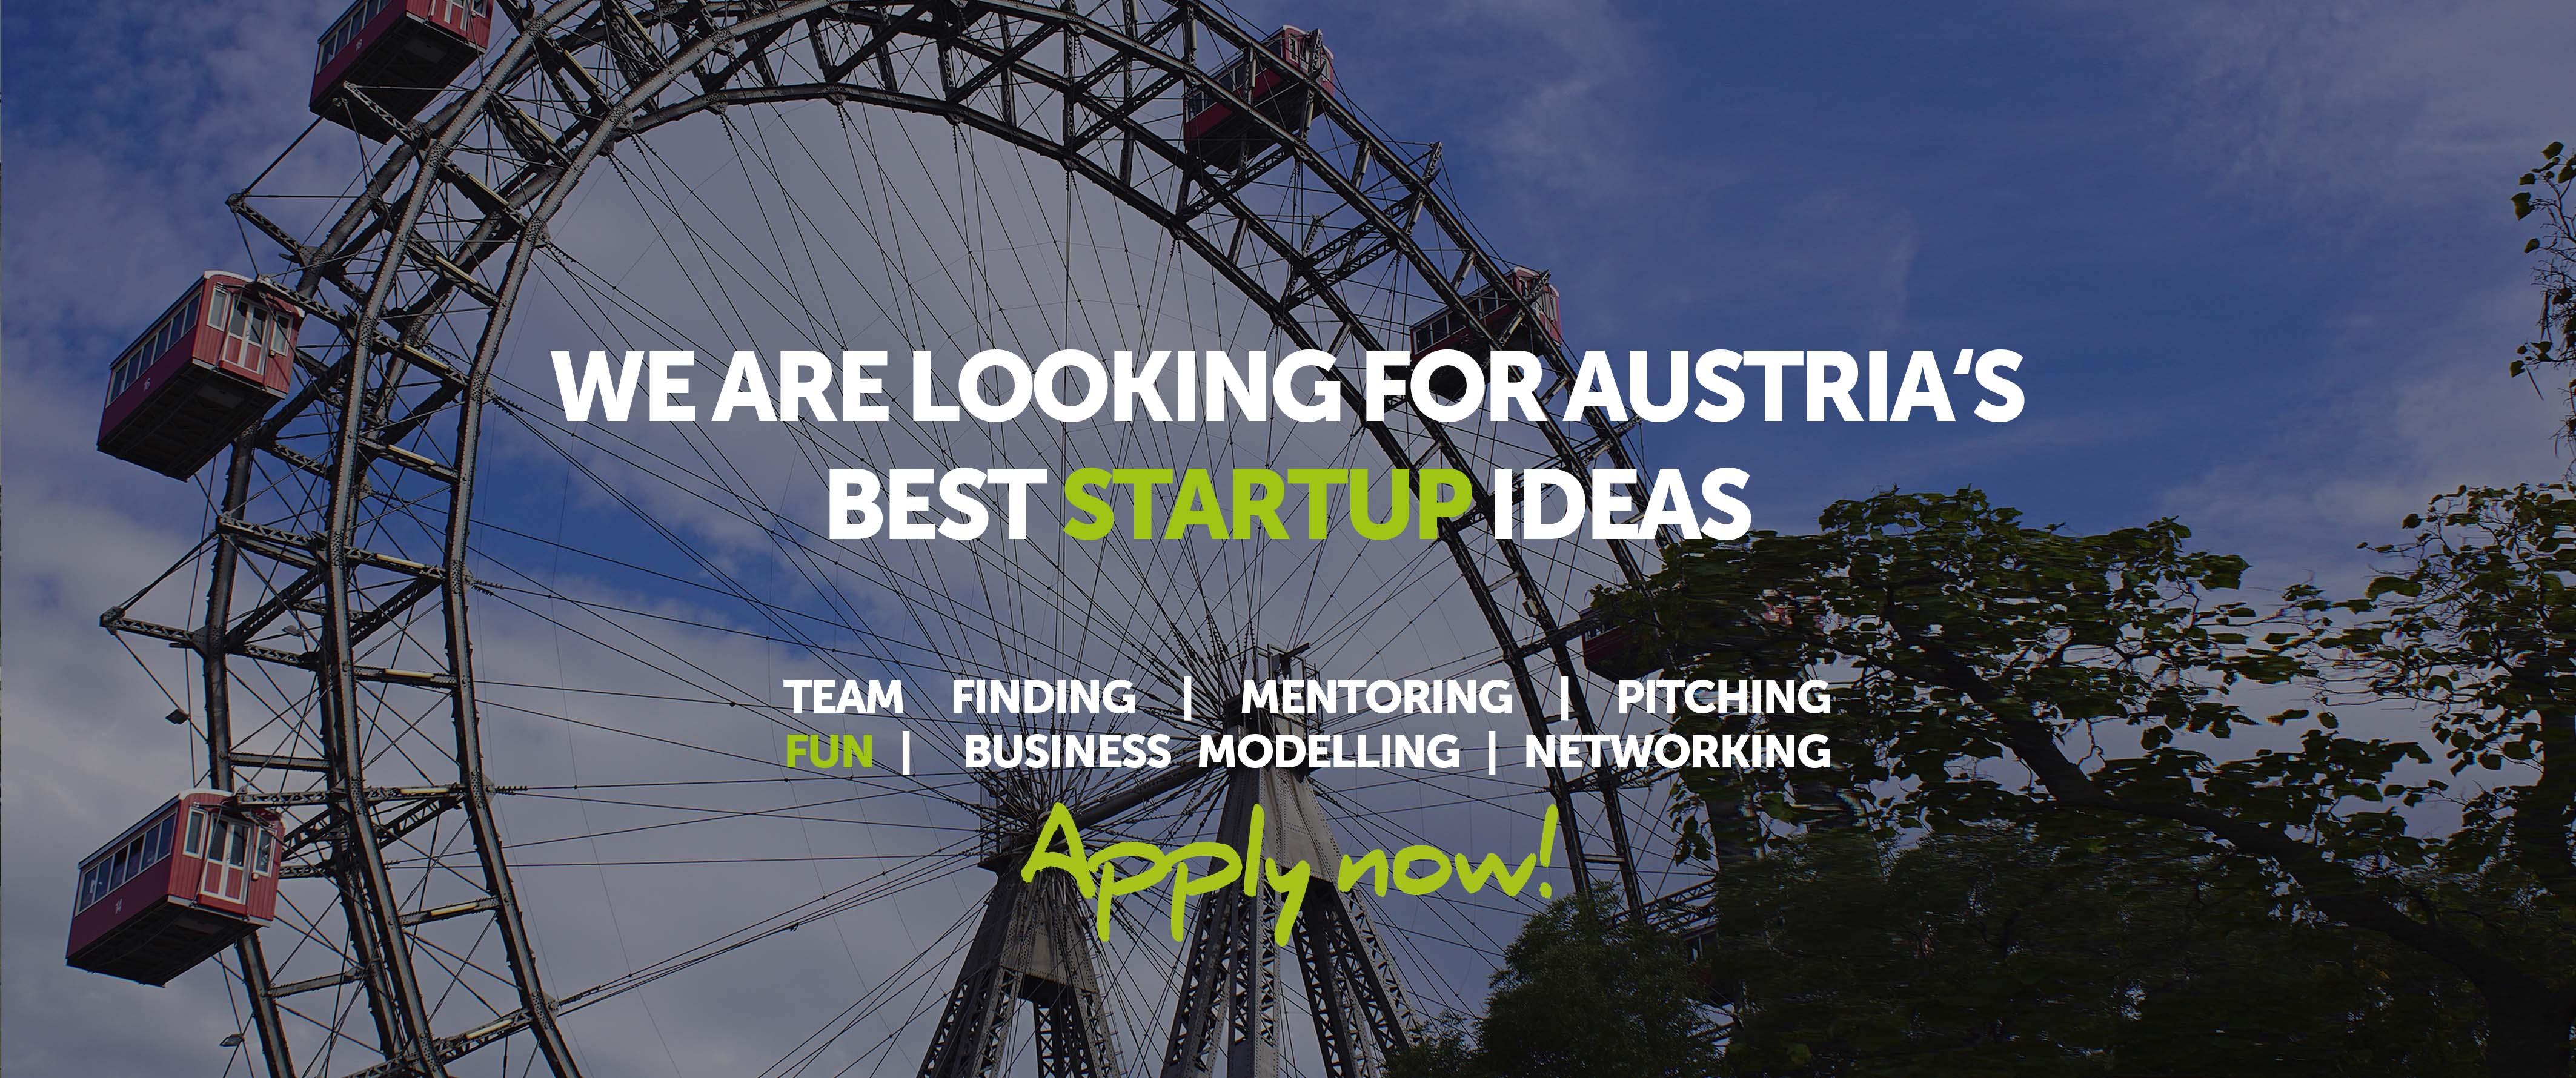 startup Live Vienna #16 apply now